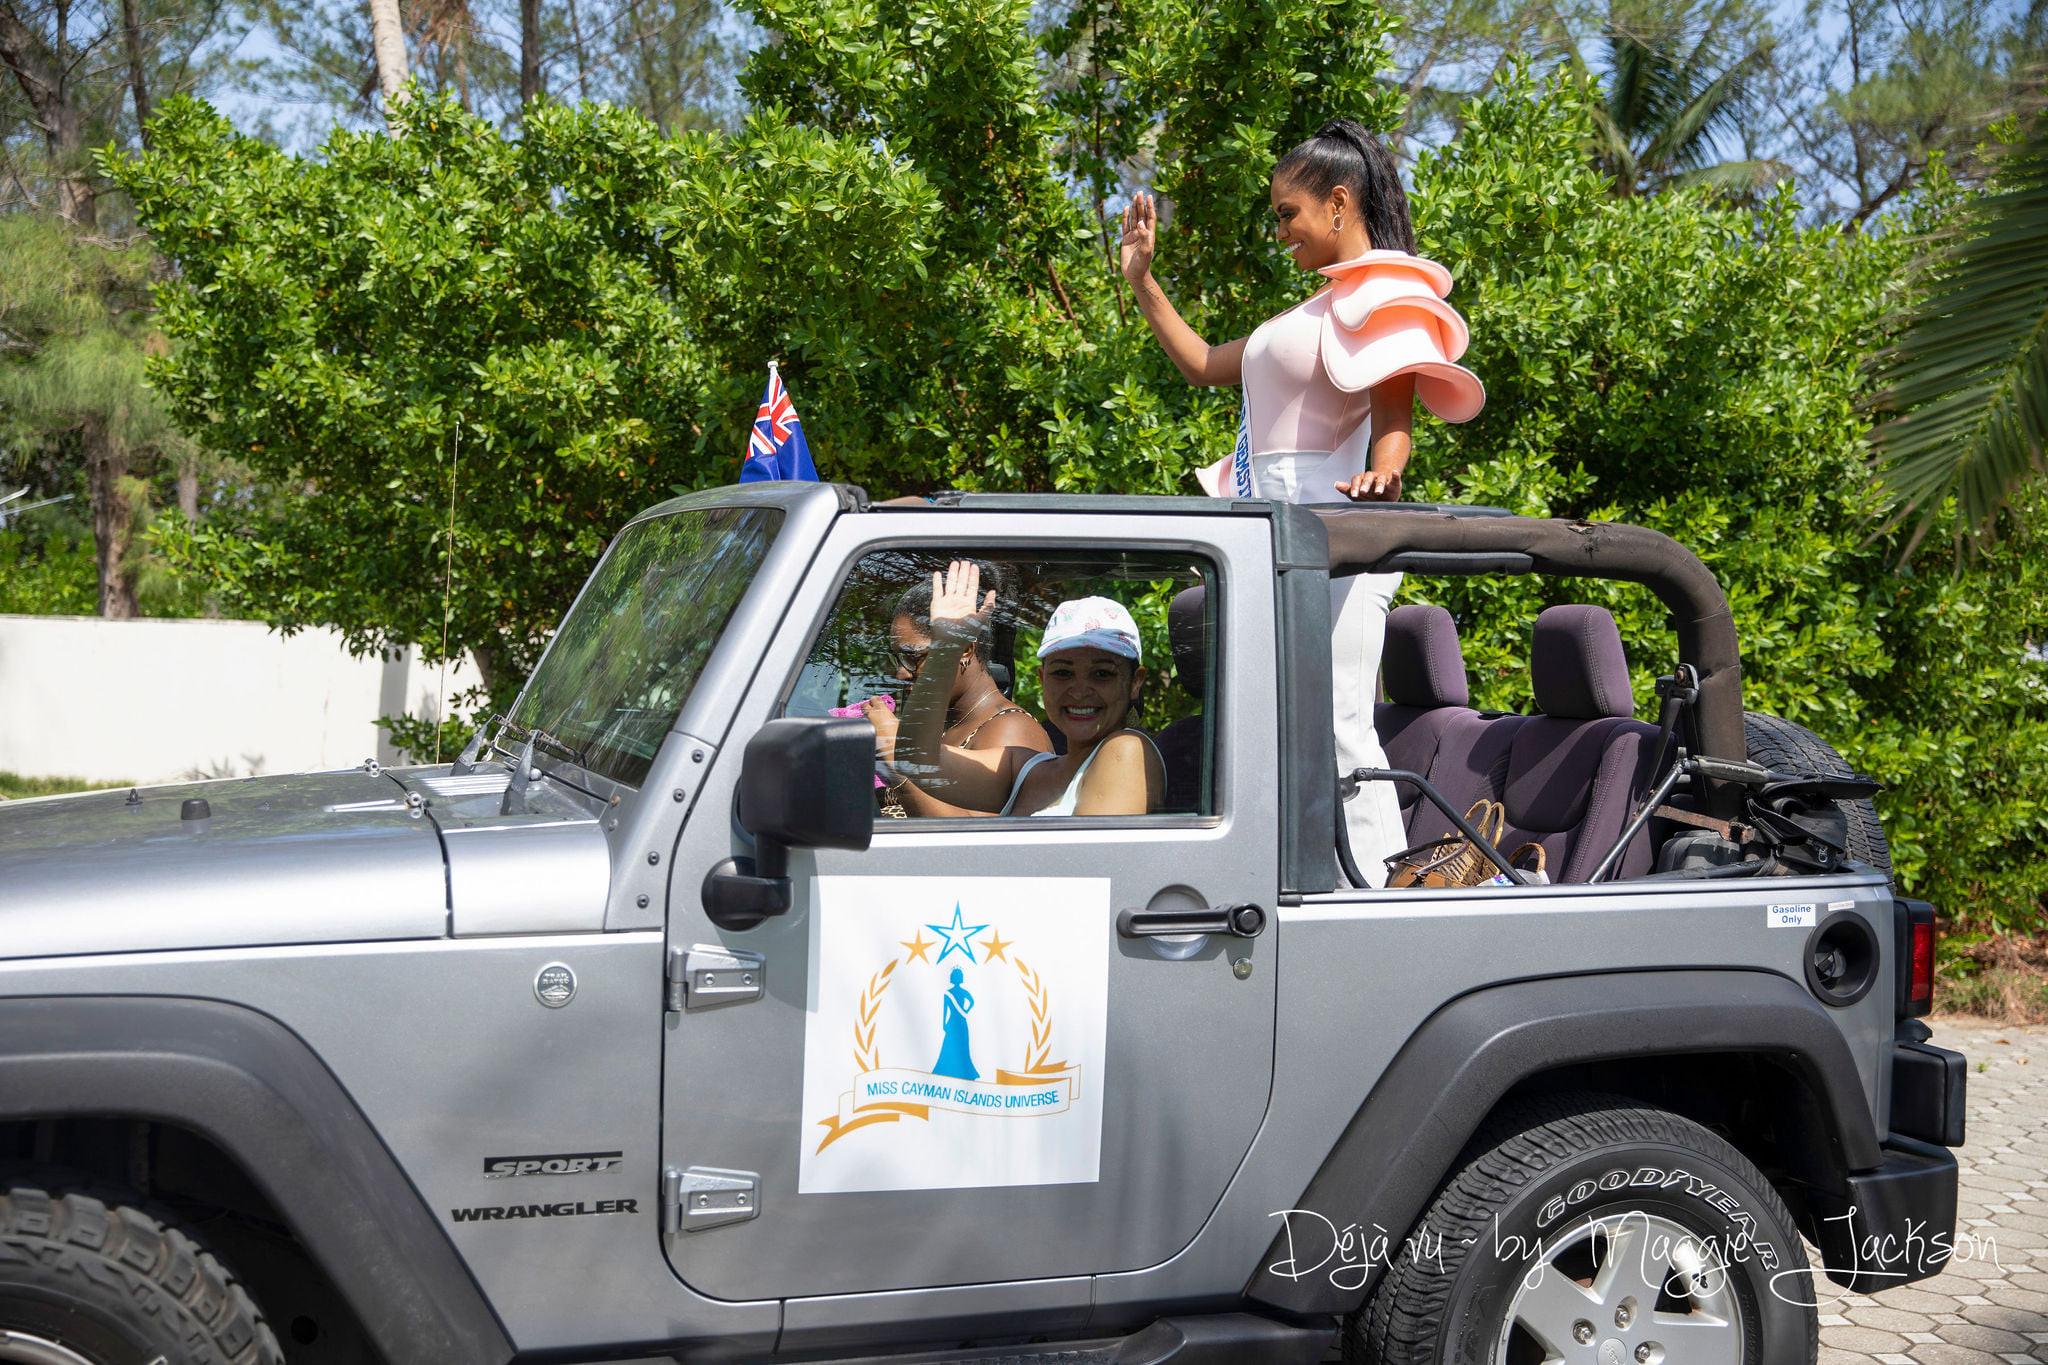 candidatas a miss universe cayman islands 2021. final: ? - Página 2 RkKSuj